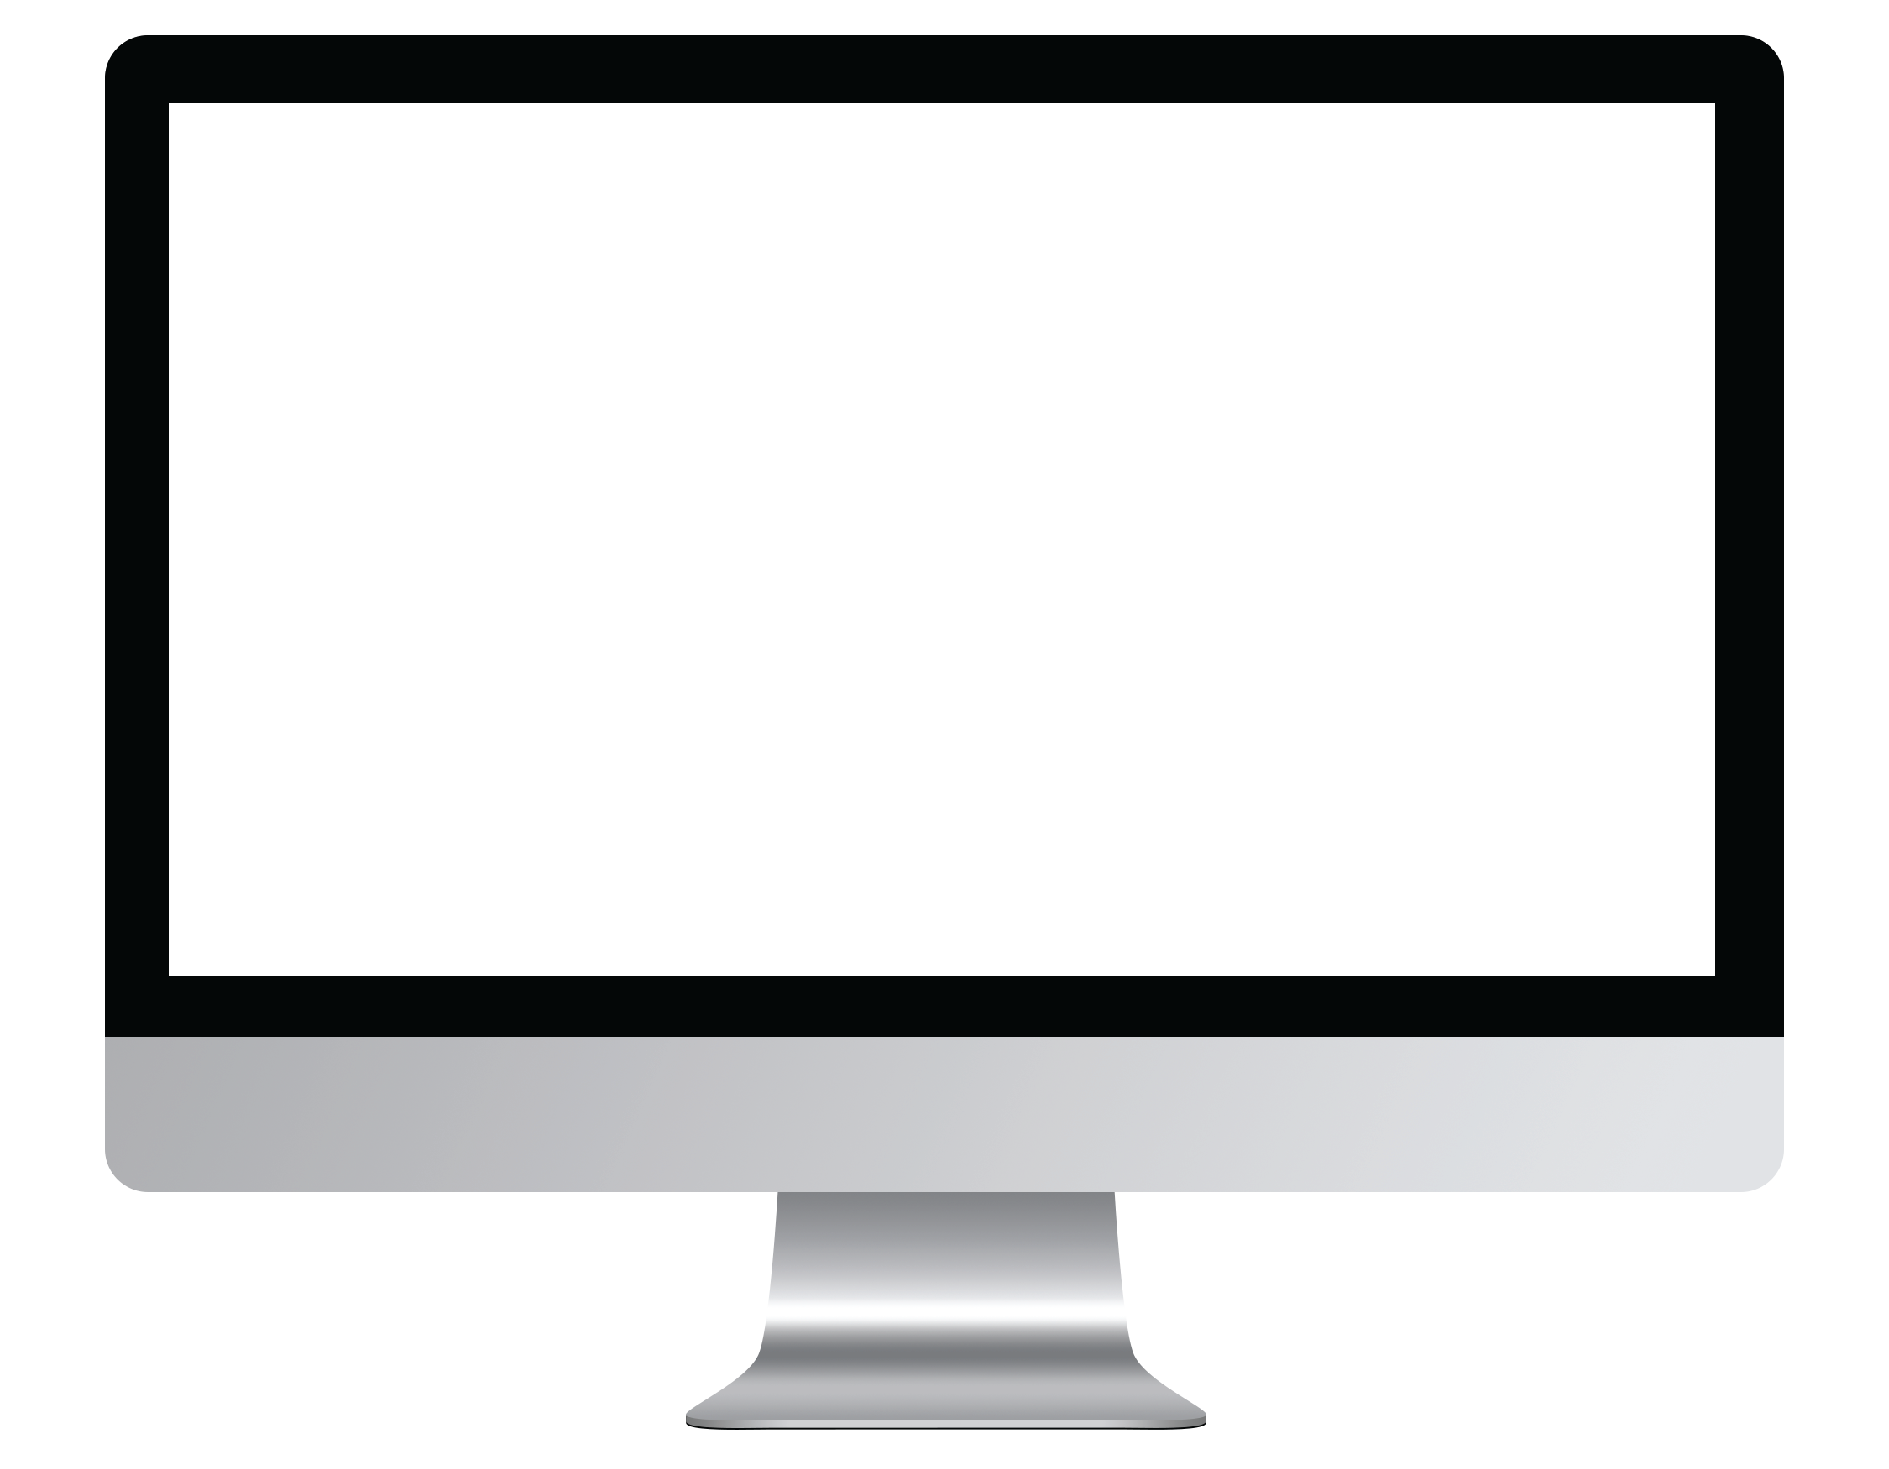 laptop-img